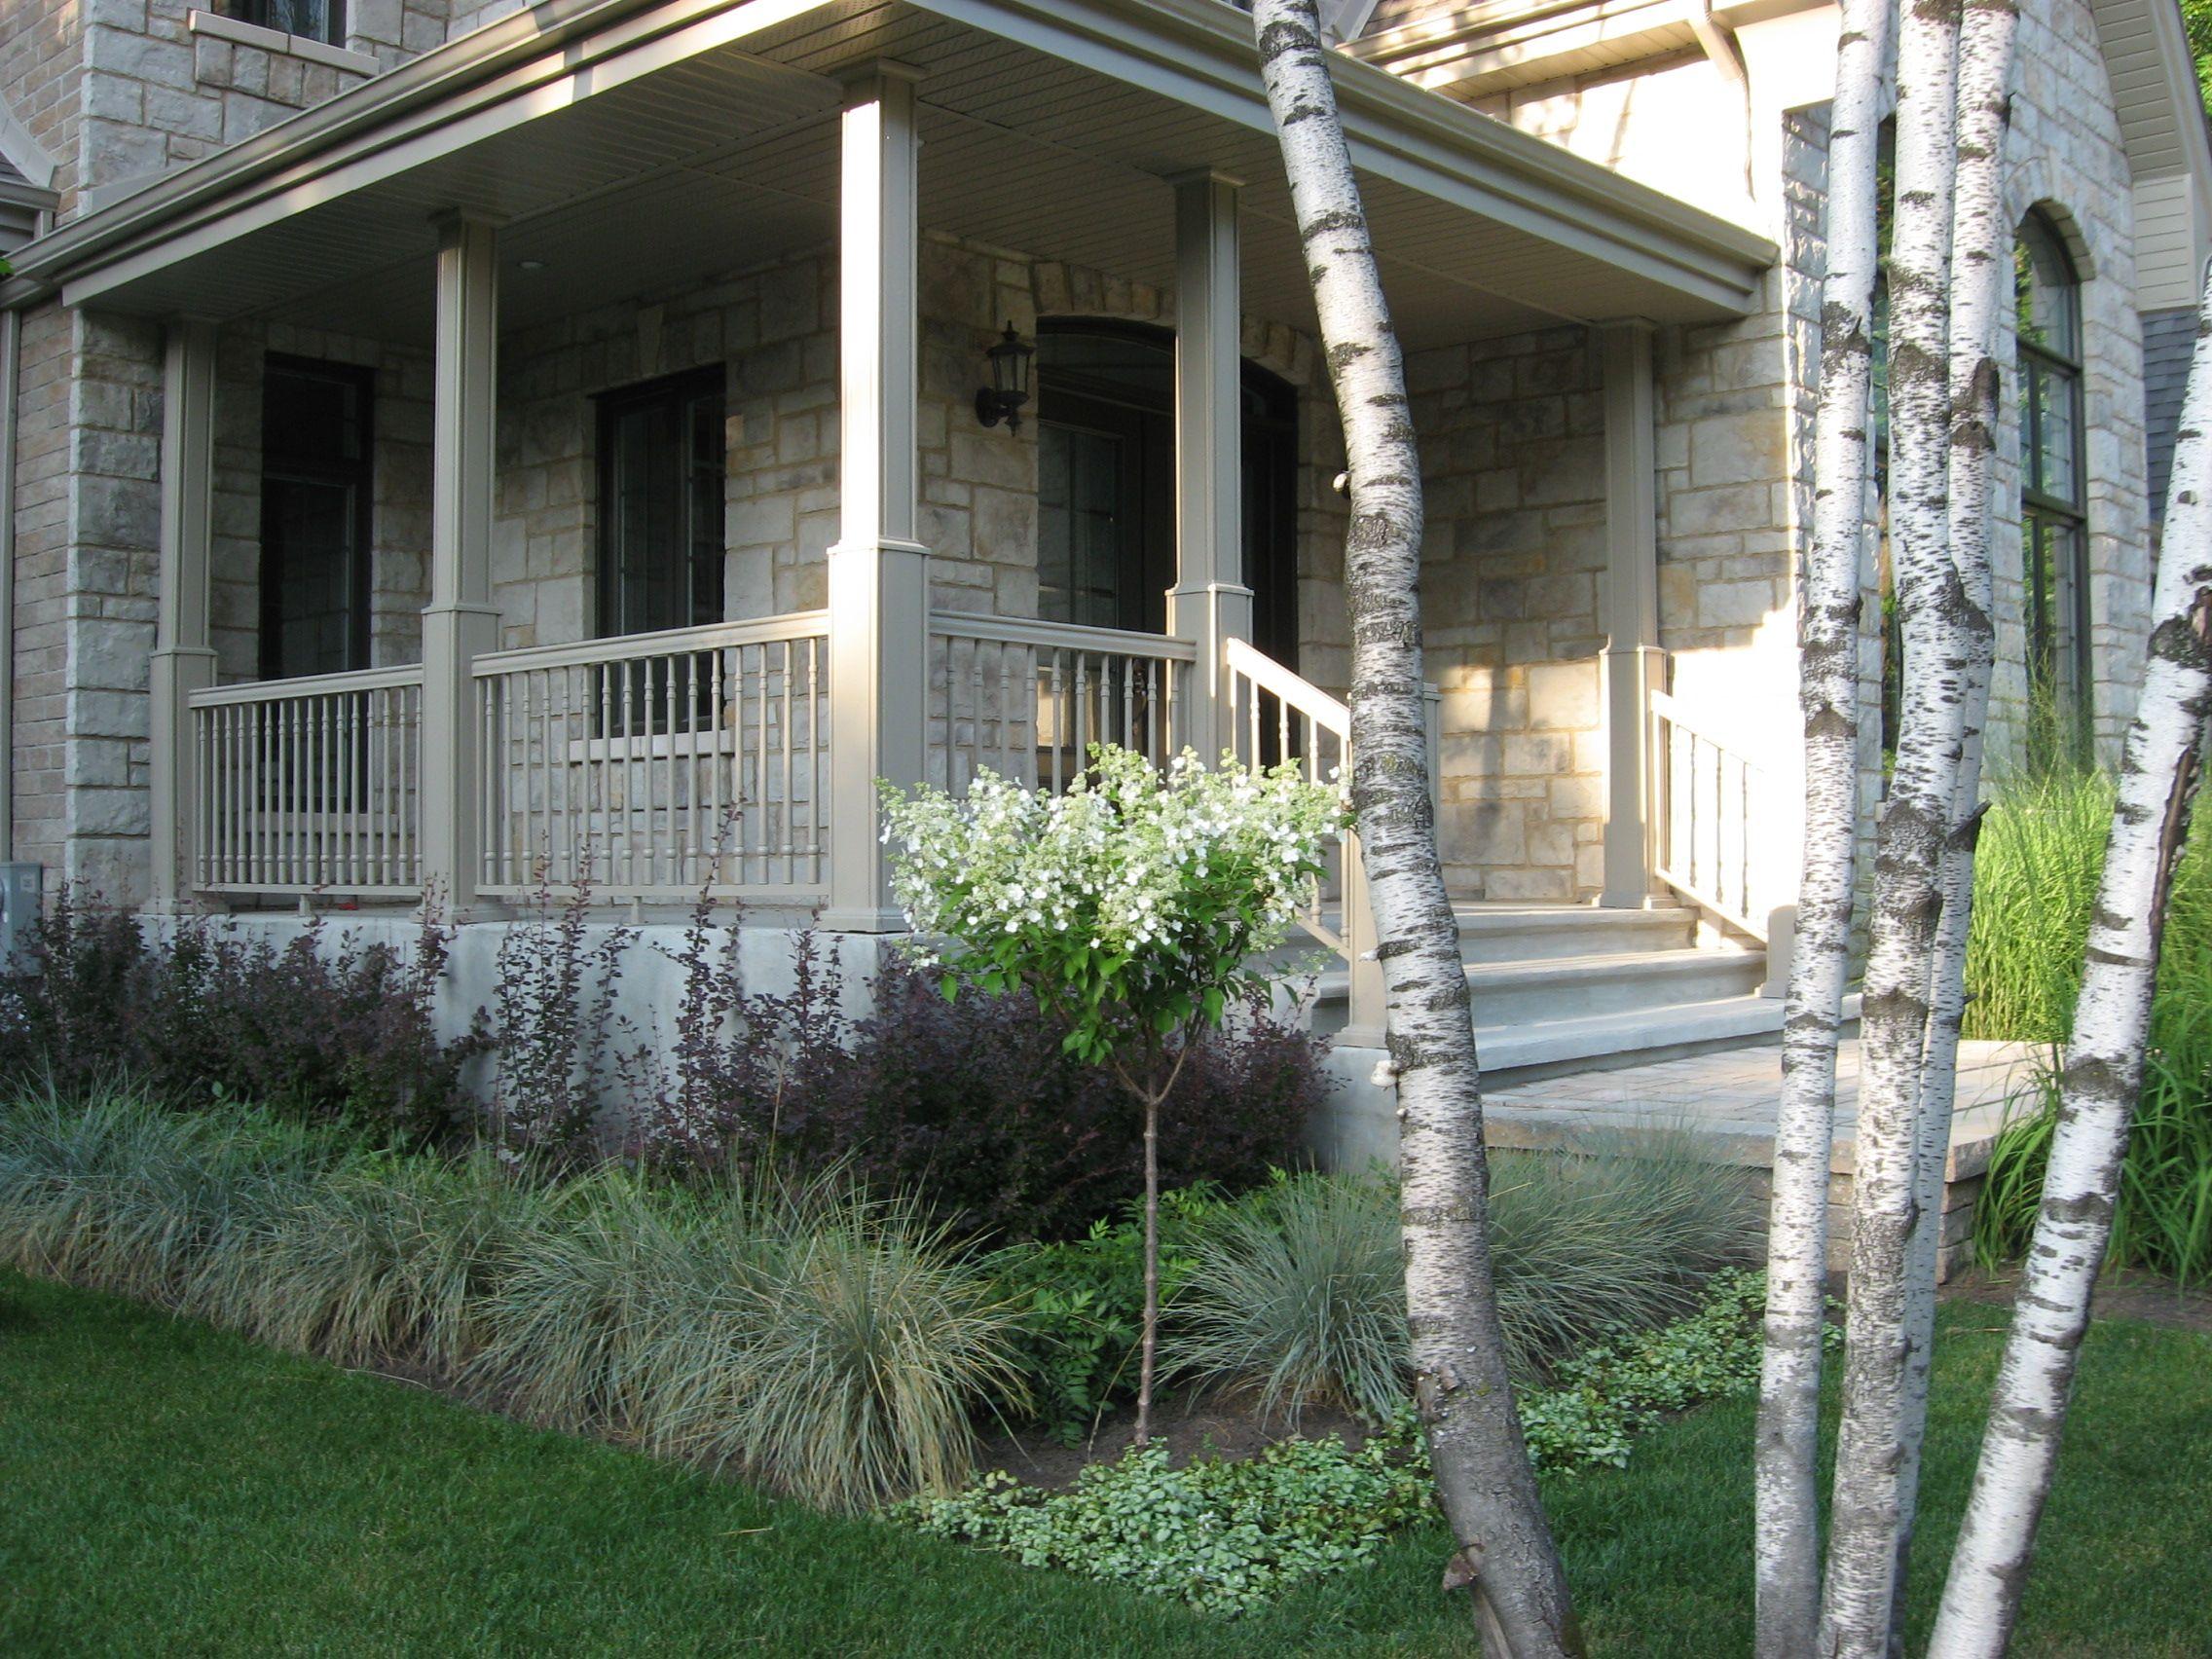 am nagement d 39 une fa ade de maison espace de plantation arbustes et gramin es arbre escalier. Black Bedroom Furniture Sets. Home Design Ideas